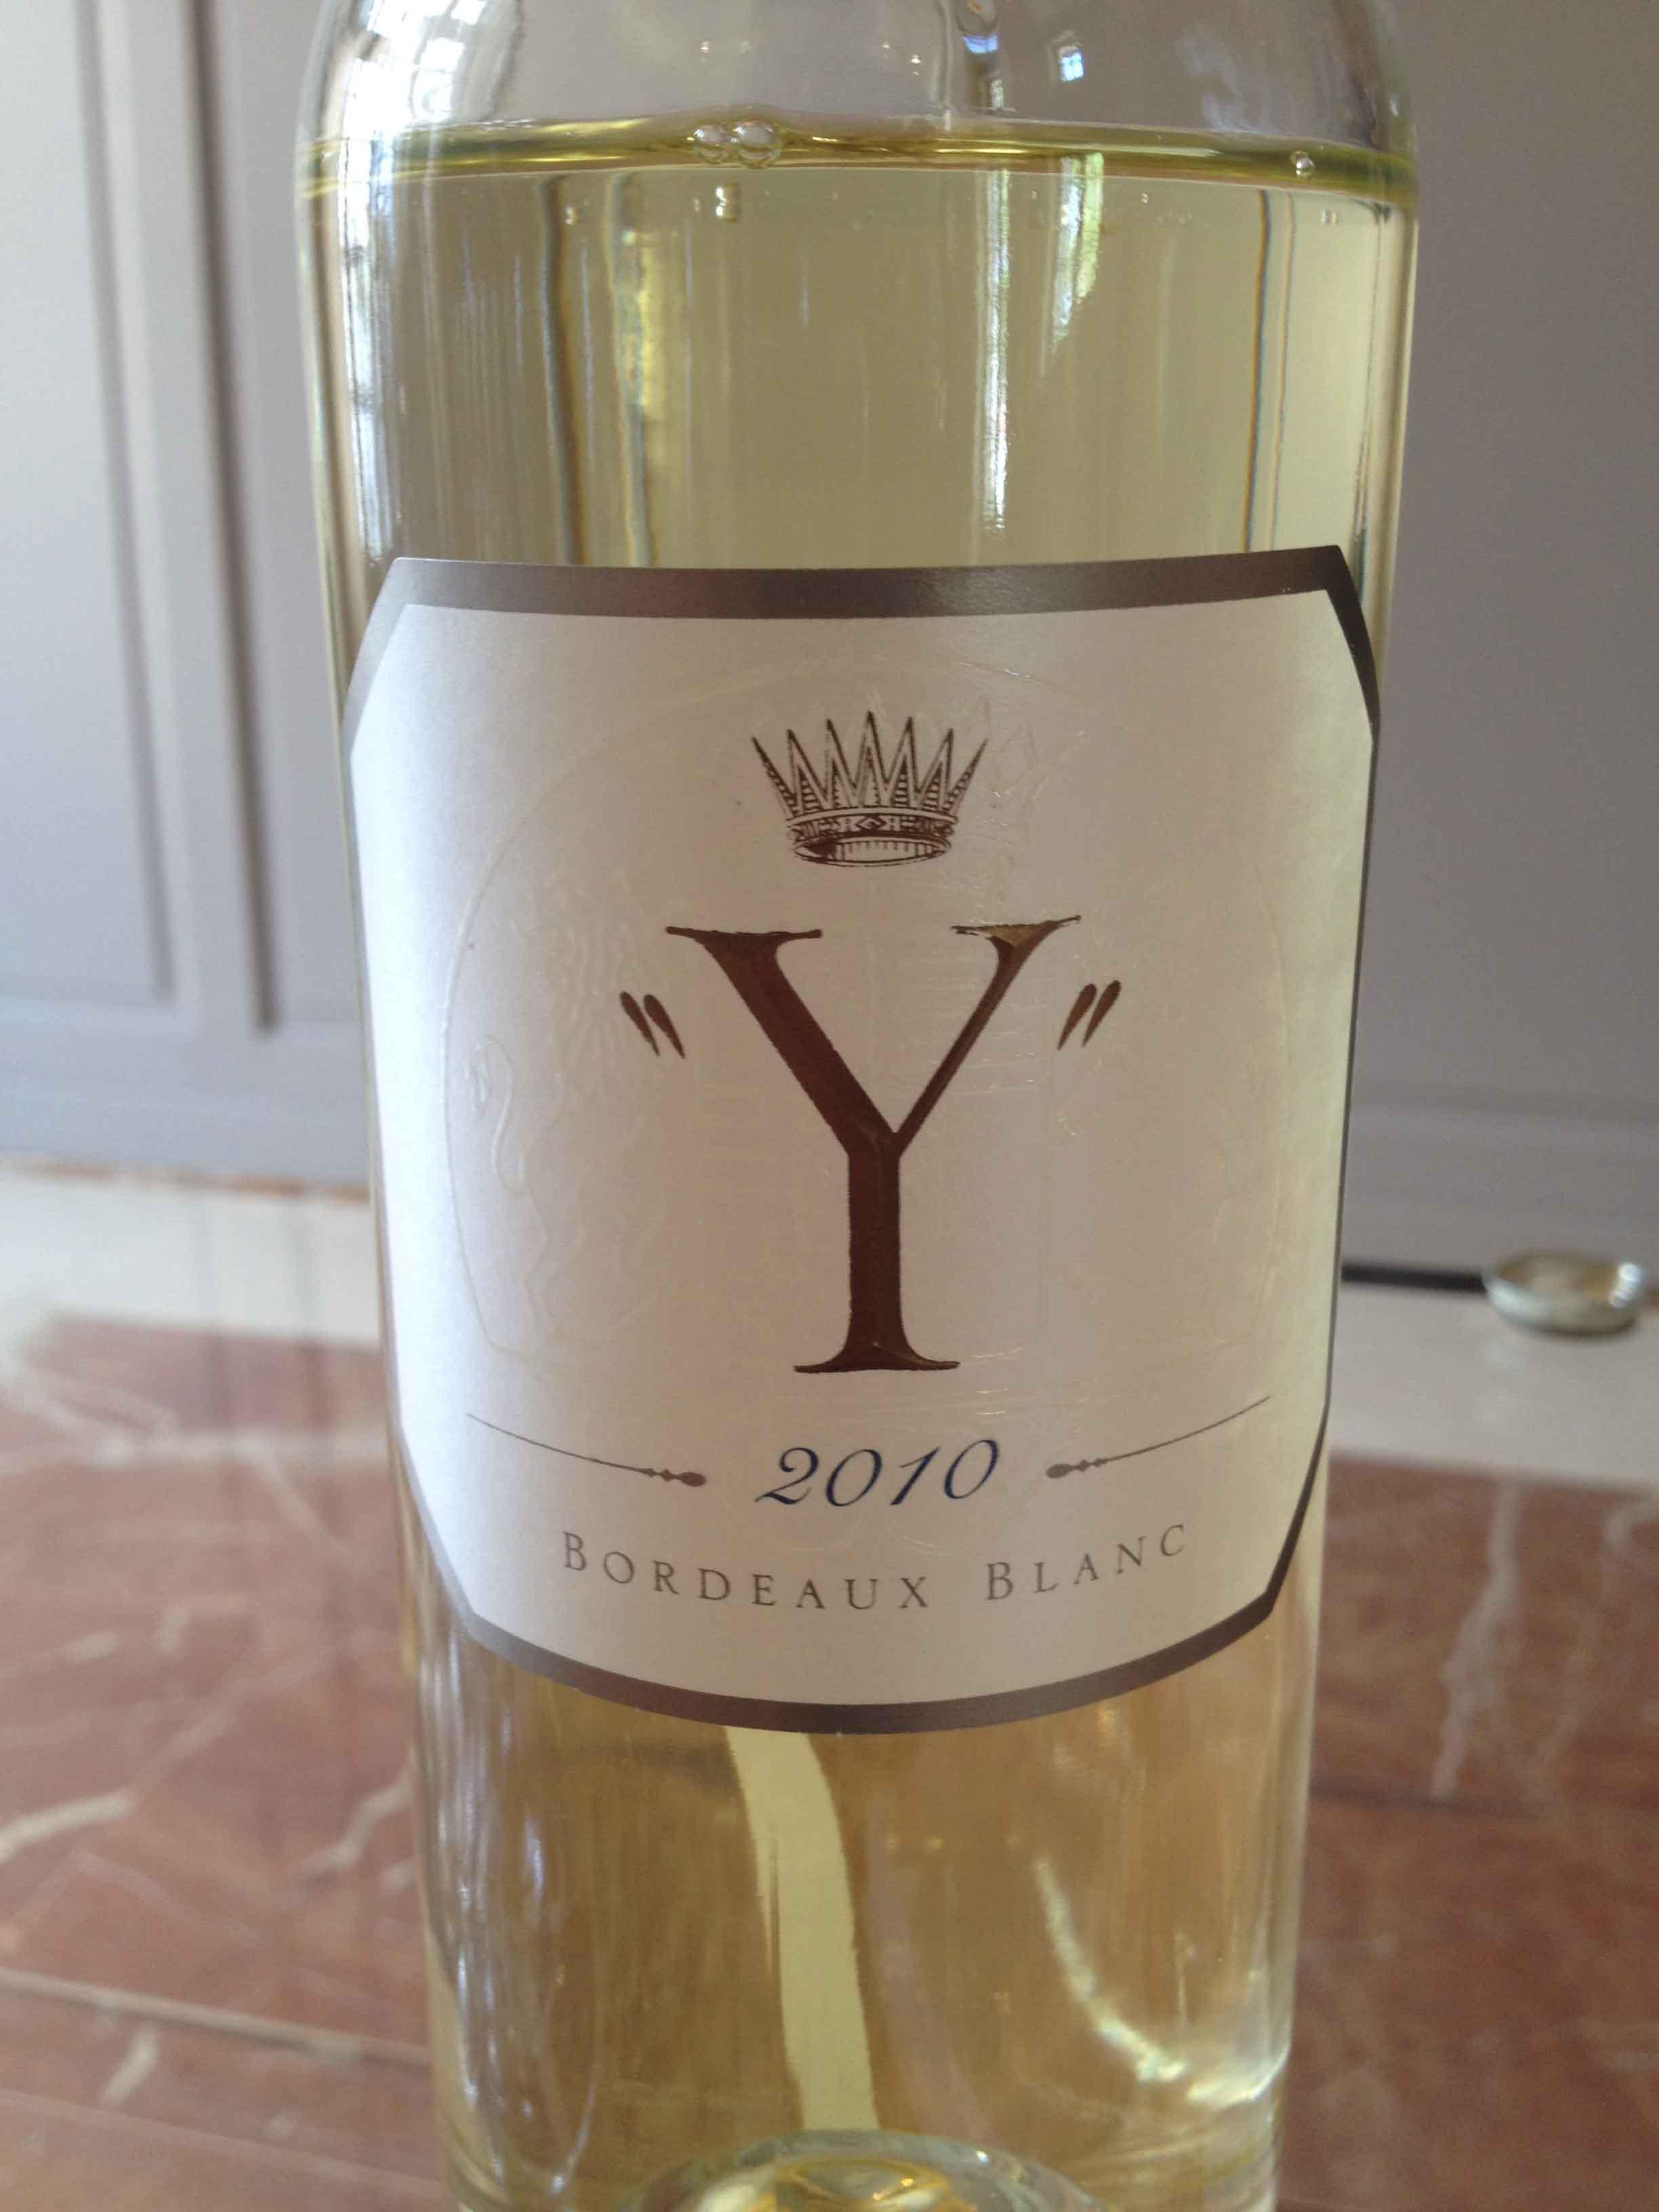 « Y » d'Yquem, 2010 – Bordeaux Blanc